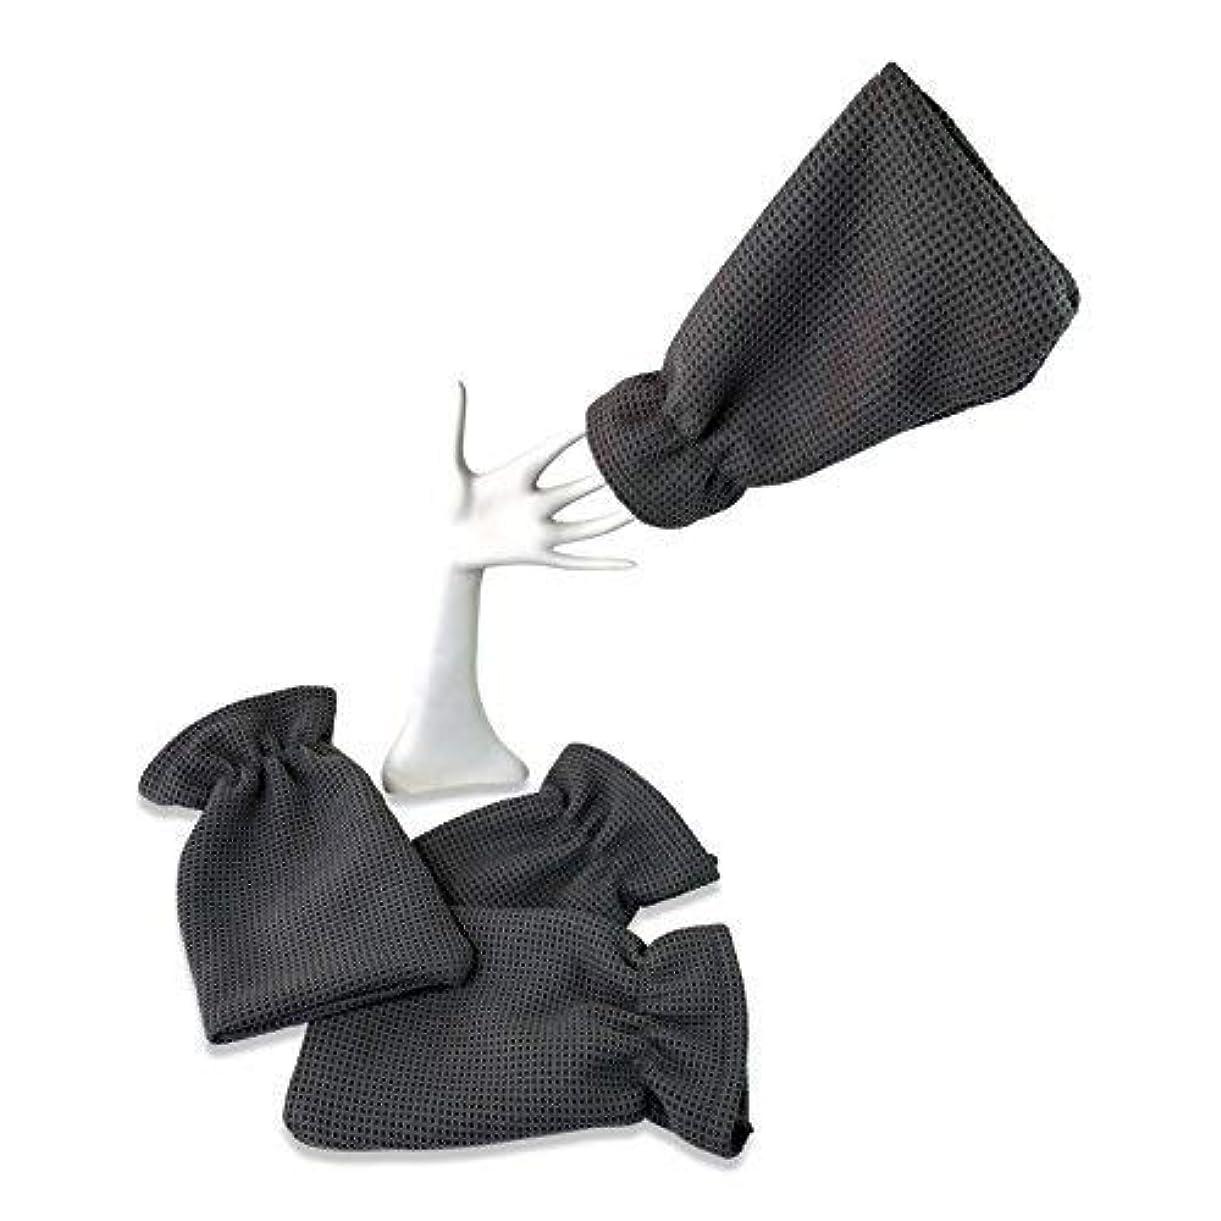 ルート結婚建物4パックwaffletuffタオルHand Mitts – Theタオルthat fits like a glove – マイクロファイバータオルカバー手 – Washes without Soap – Clean車または...